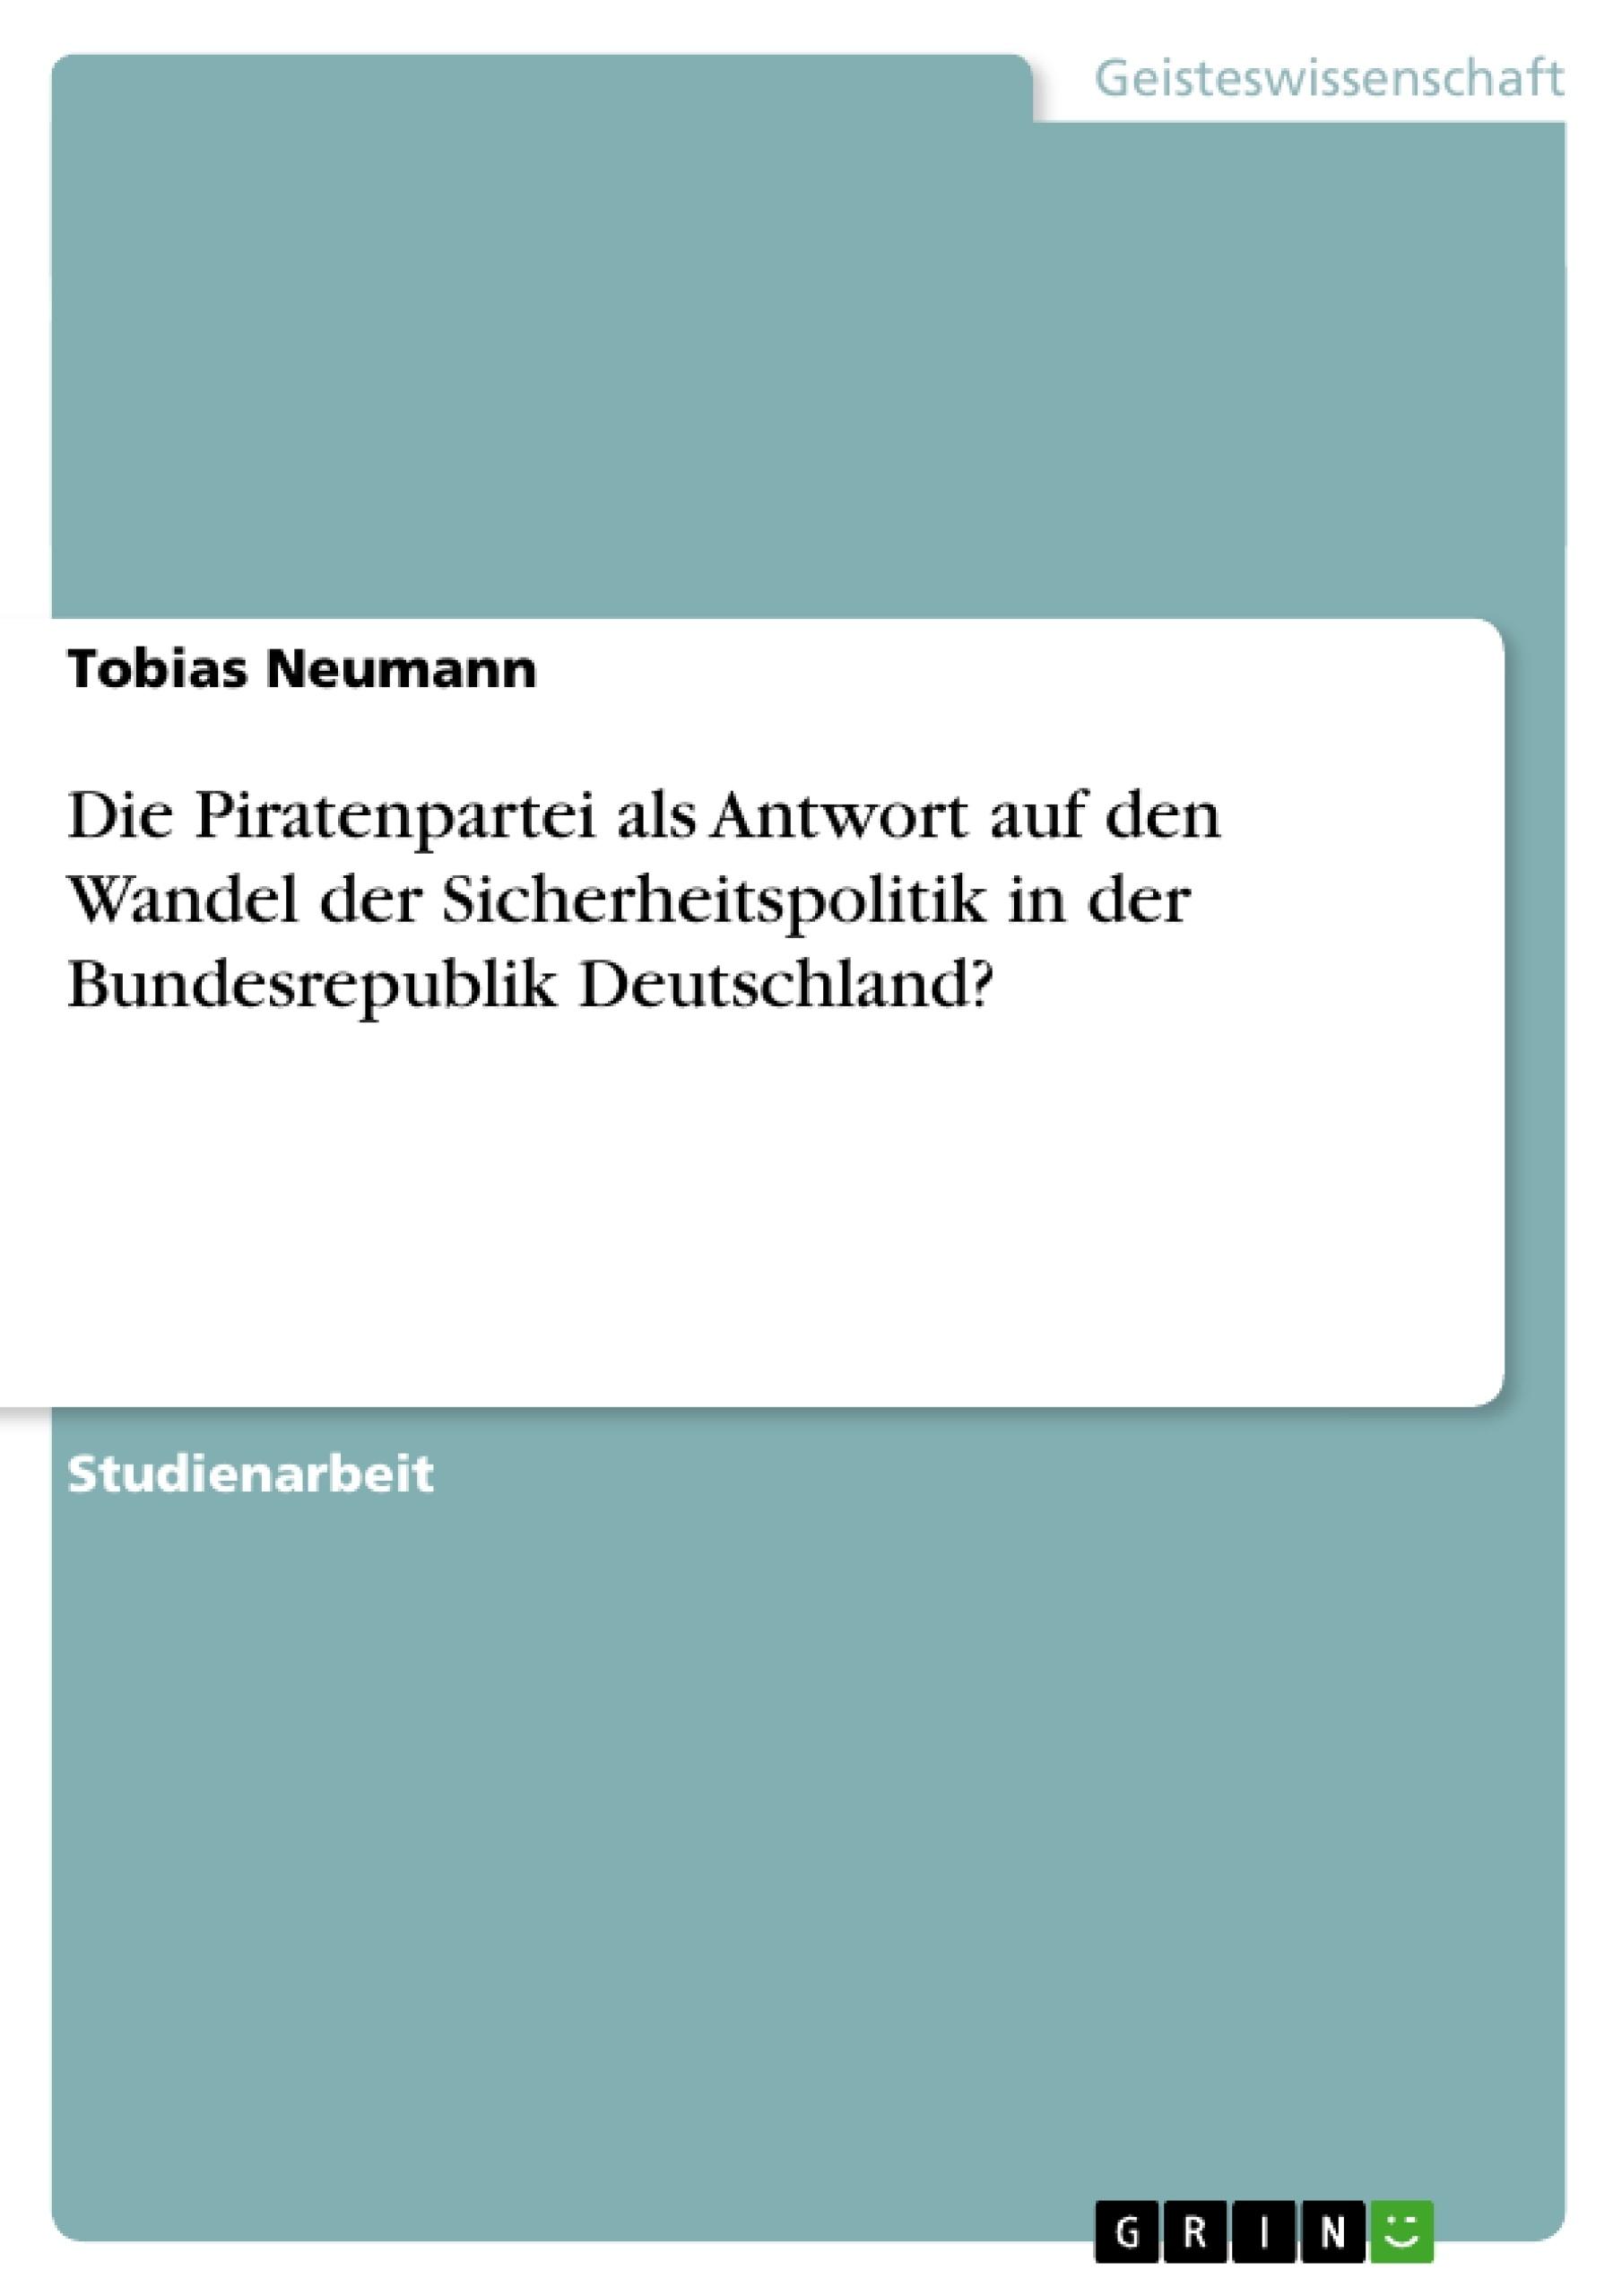 Titel: Die Piratenpartei als Antwort auf den Wandel der Sicherheitspolitik in der Bundesrepublik Deutschland?